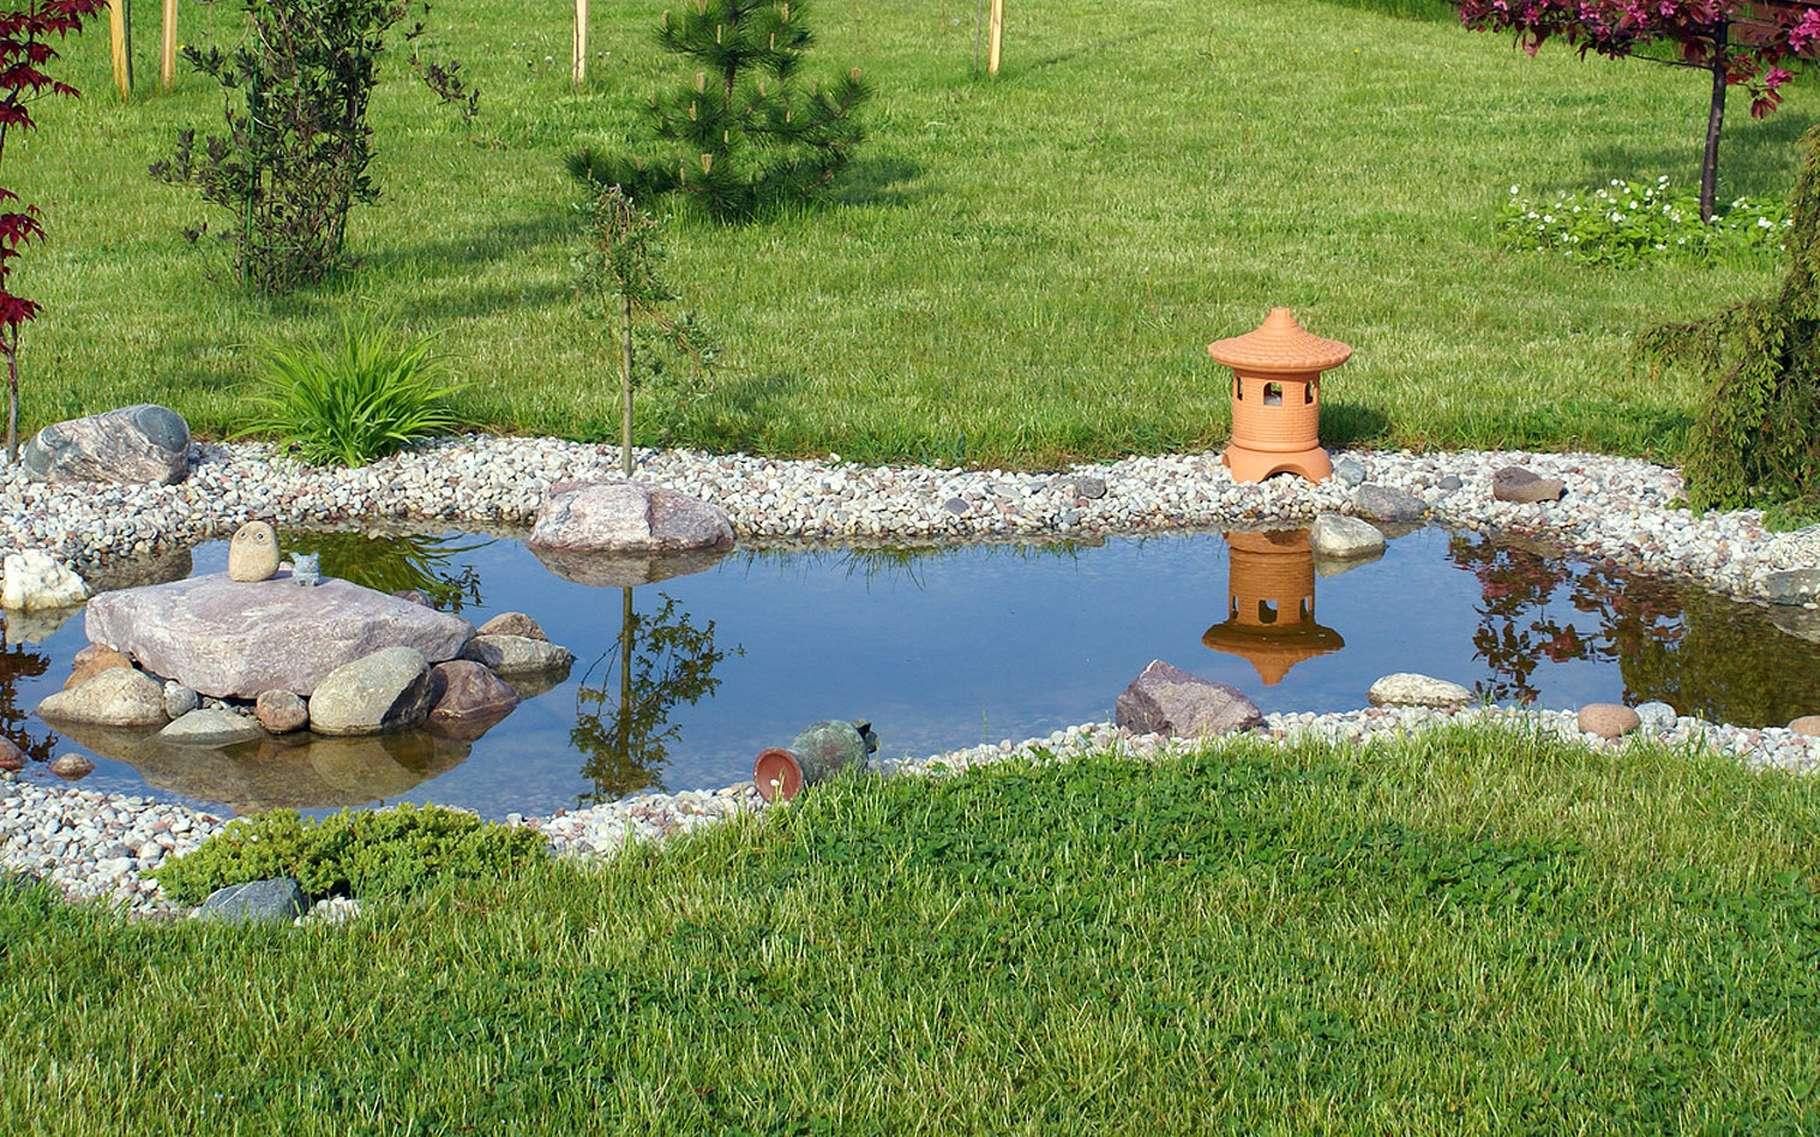 Construire Son Bassin De Jardin les bassins sur bâche : bâche pvc, bâche epdm et composite